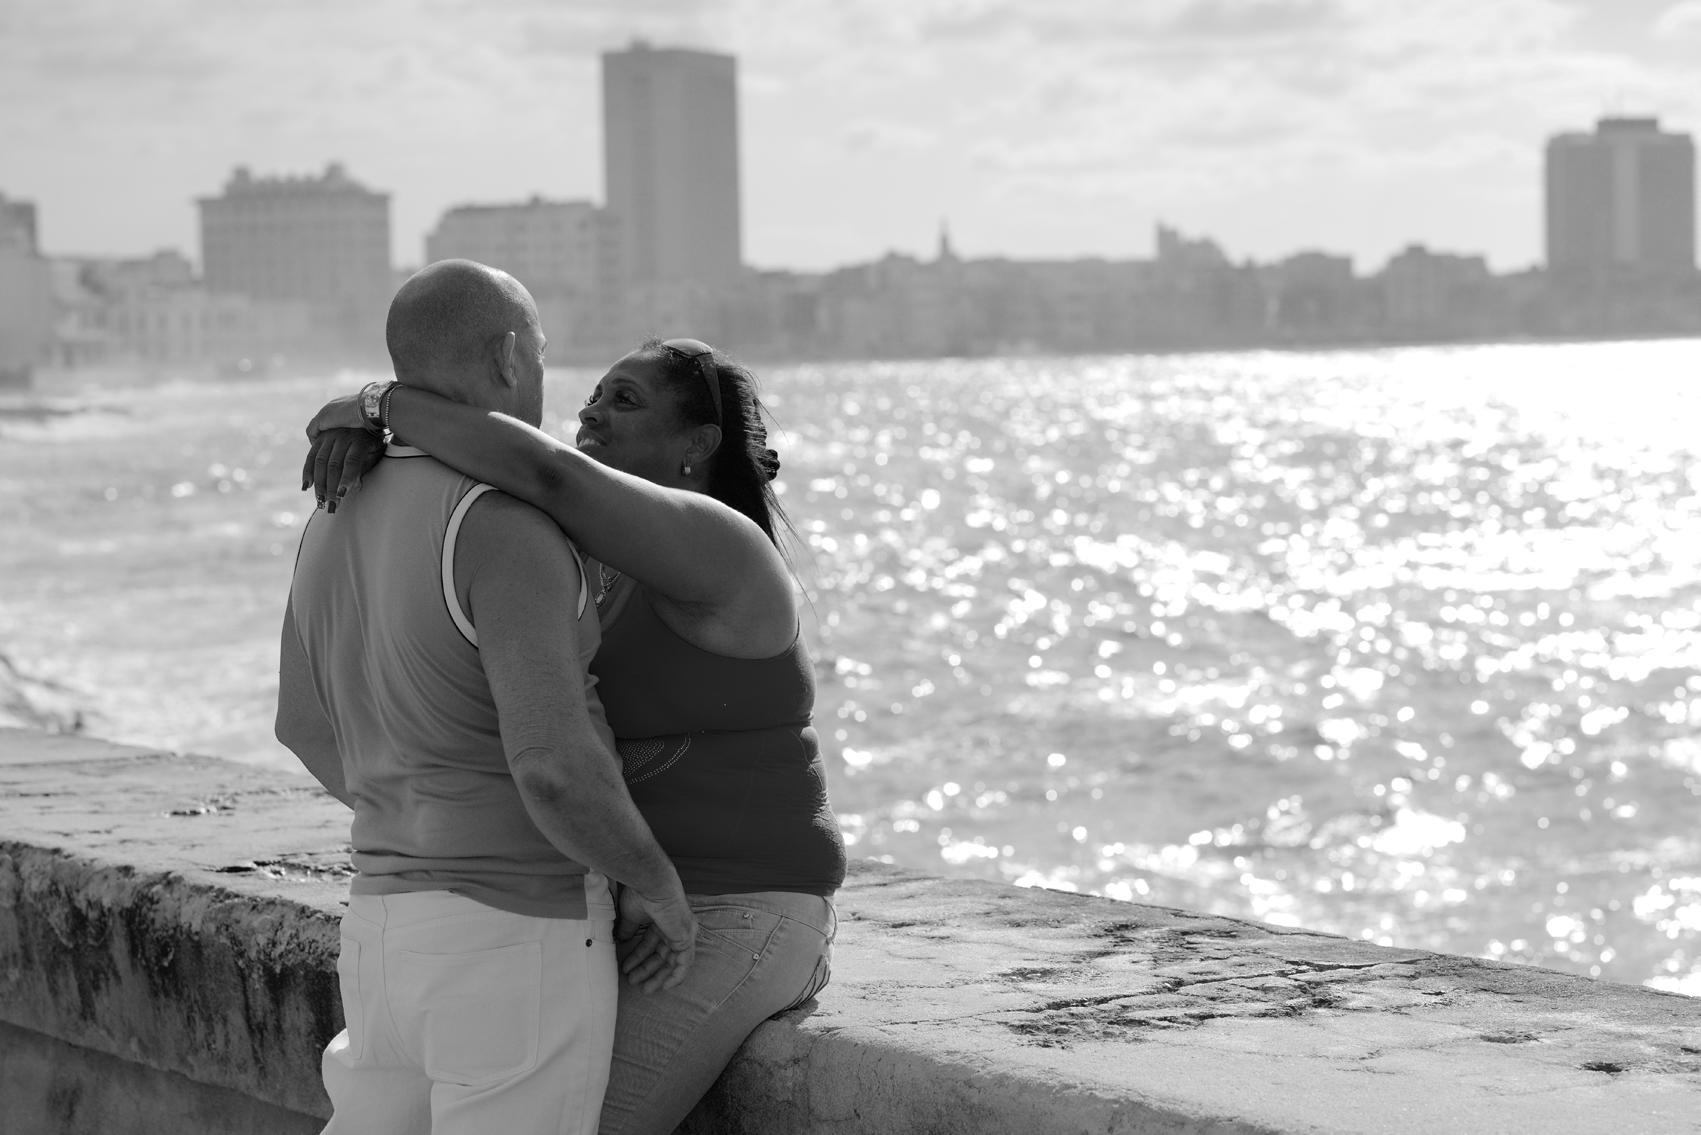 Le Malecon, La Havane, Cuba 2015